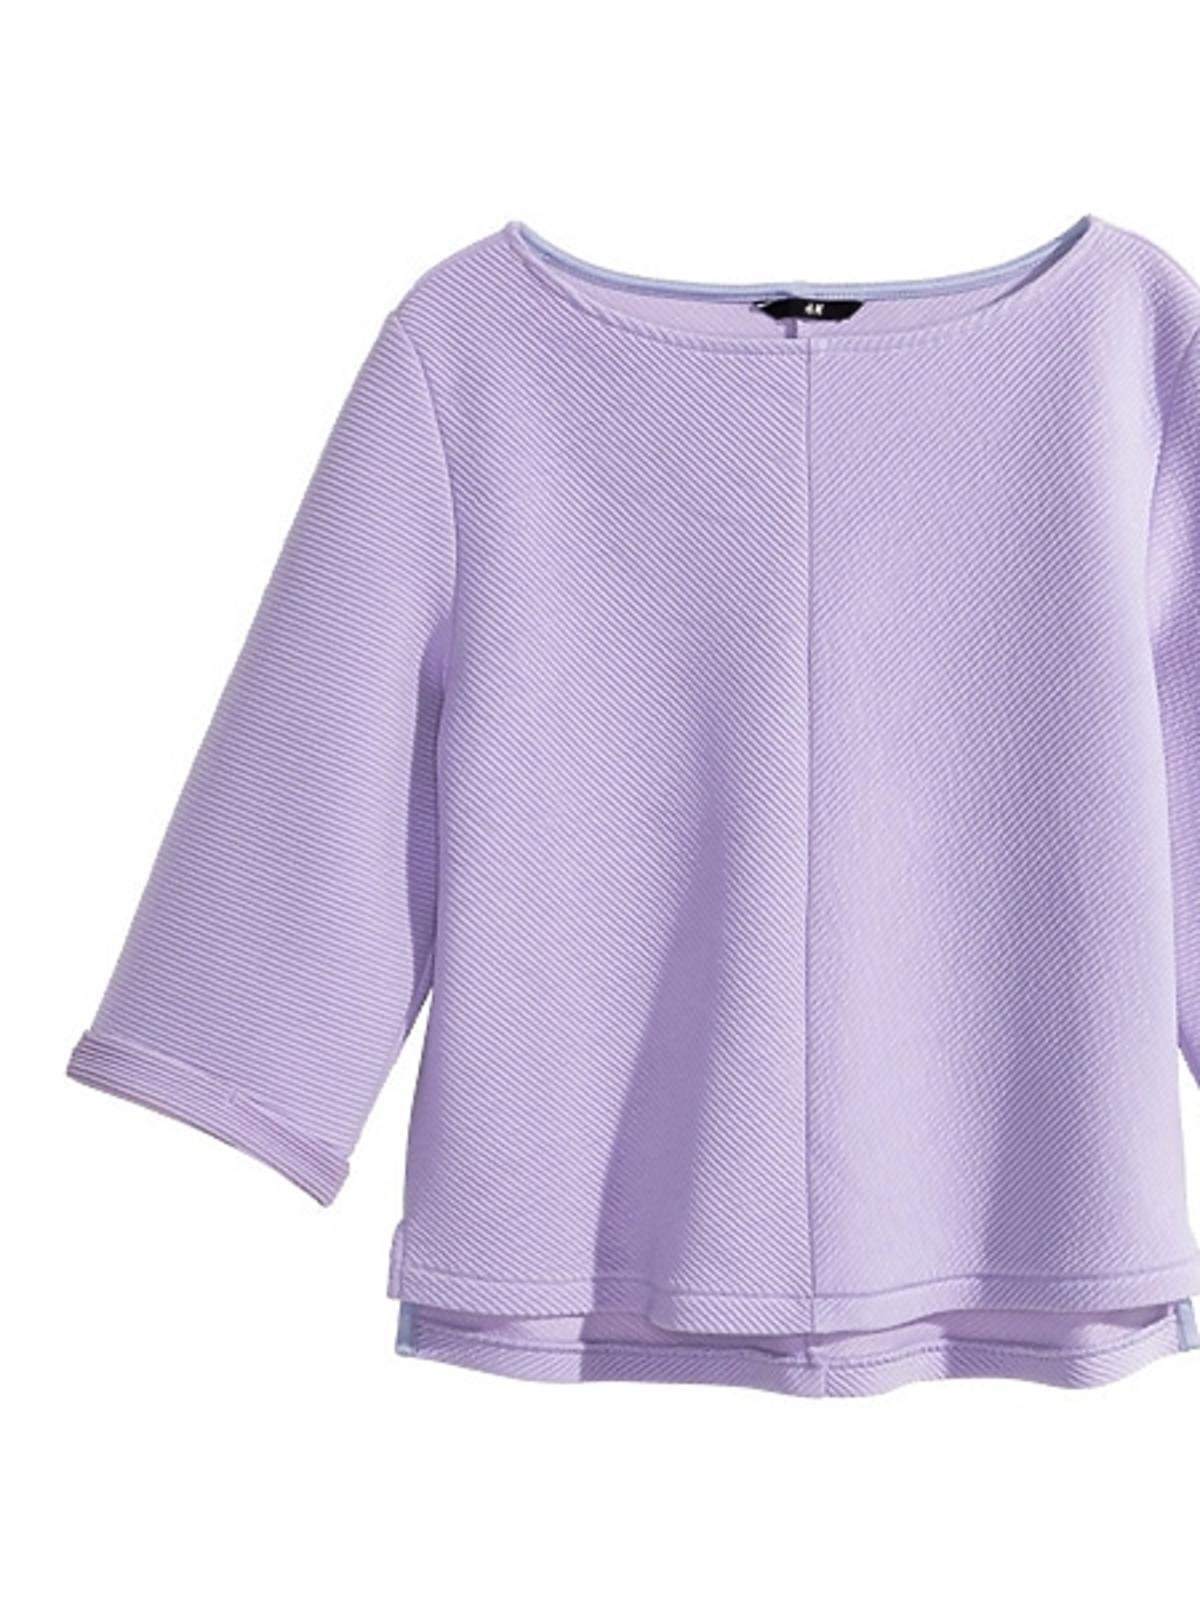 Fioletowa bluzka H&M, cena